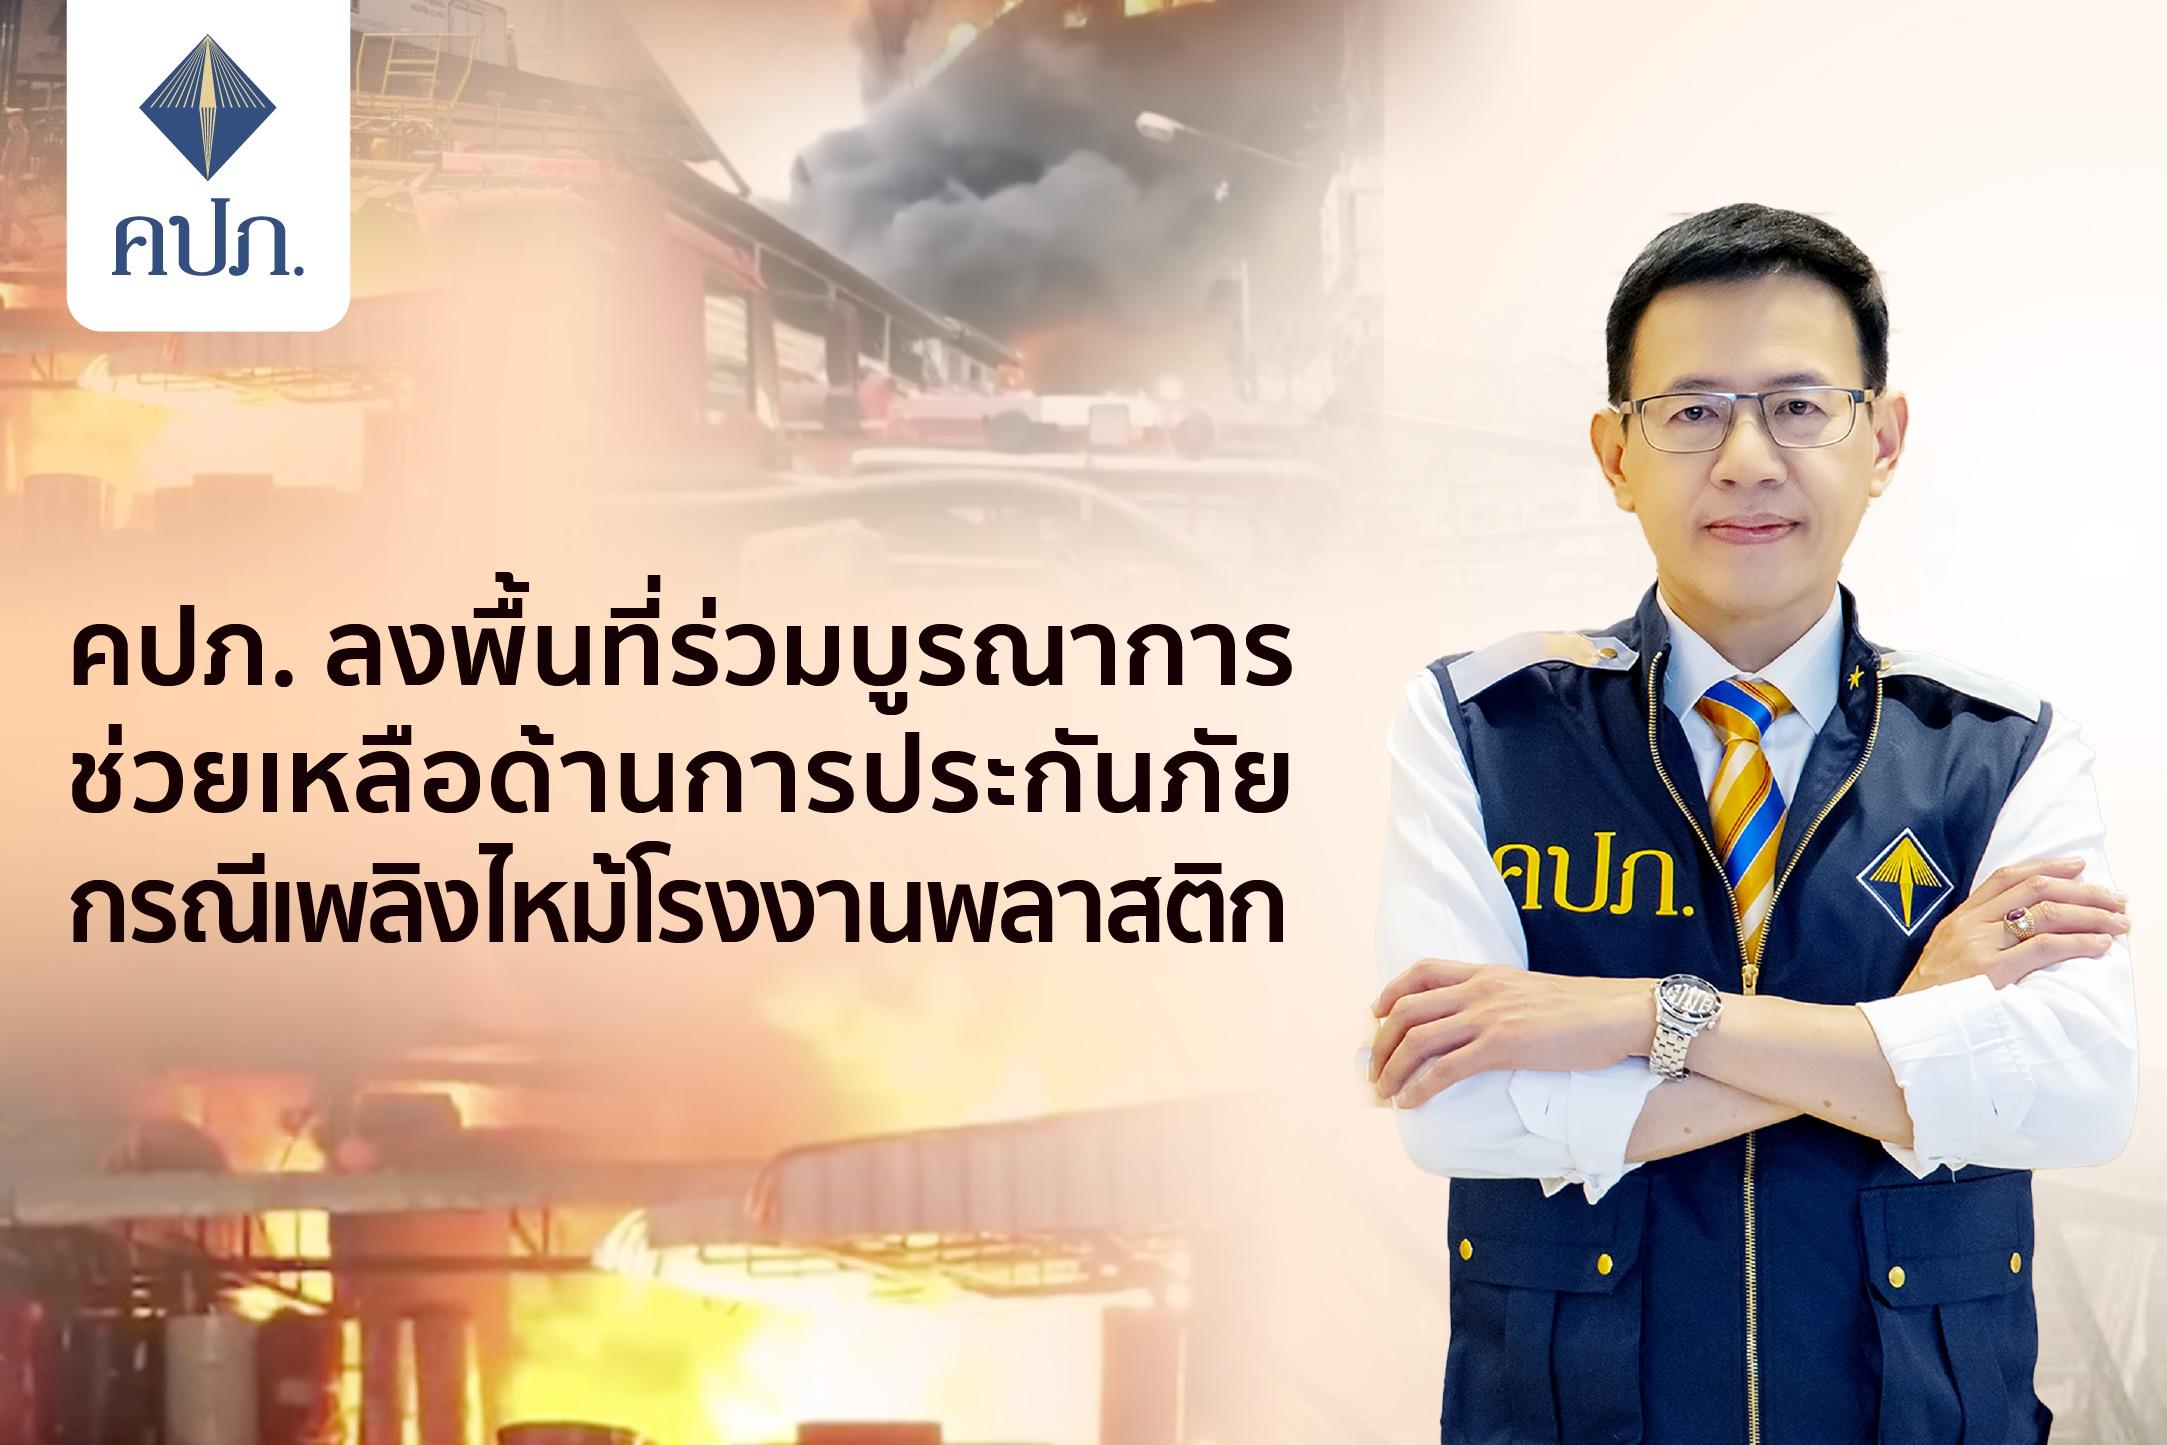 คปภ. ร่วมลงพื้นที่เพื่อบูรณาการช่วยเหลือด้านการประกันภัย กรณีเกิดเหตุเพลิงไหม้โรงงานพลาสติก ย่านบางบอน 5